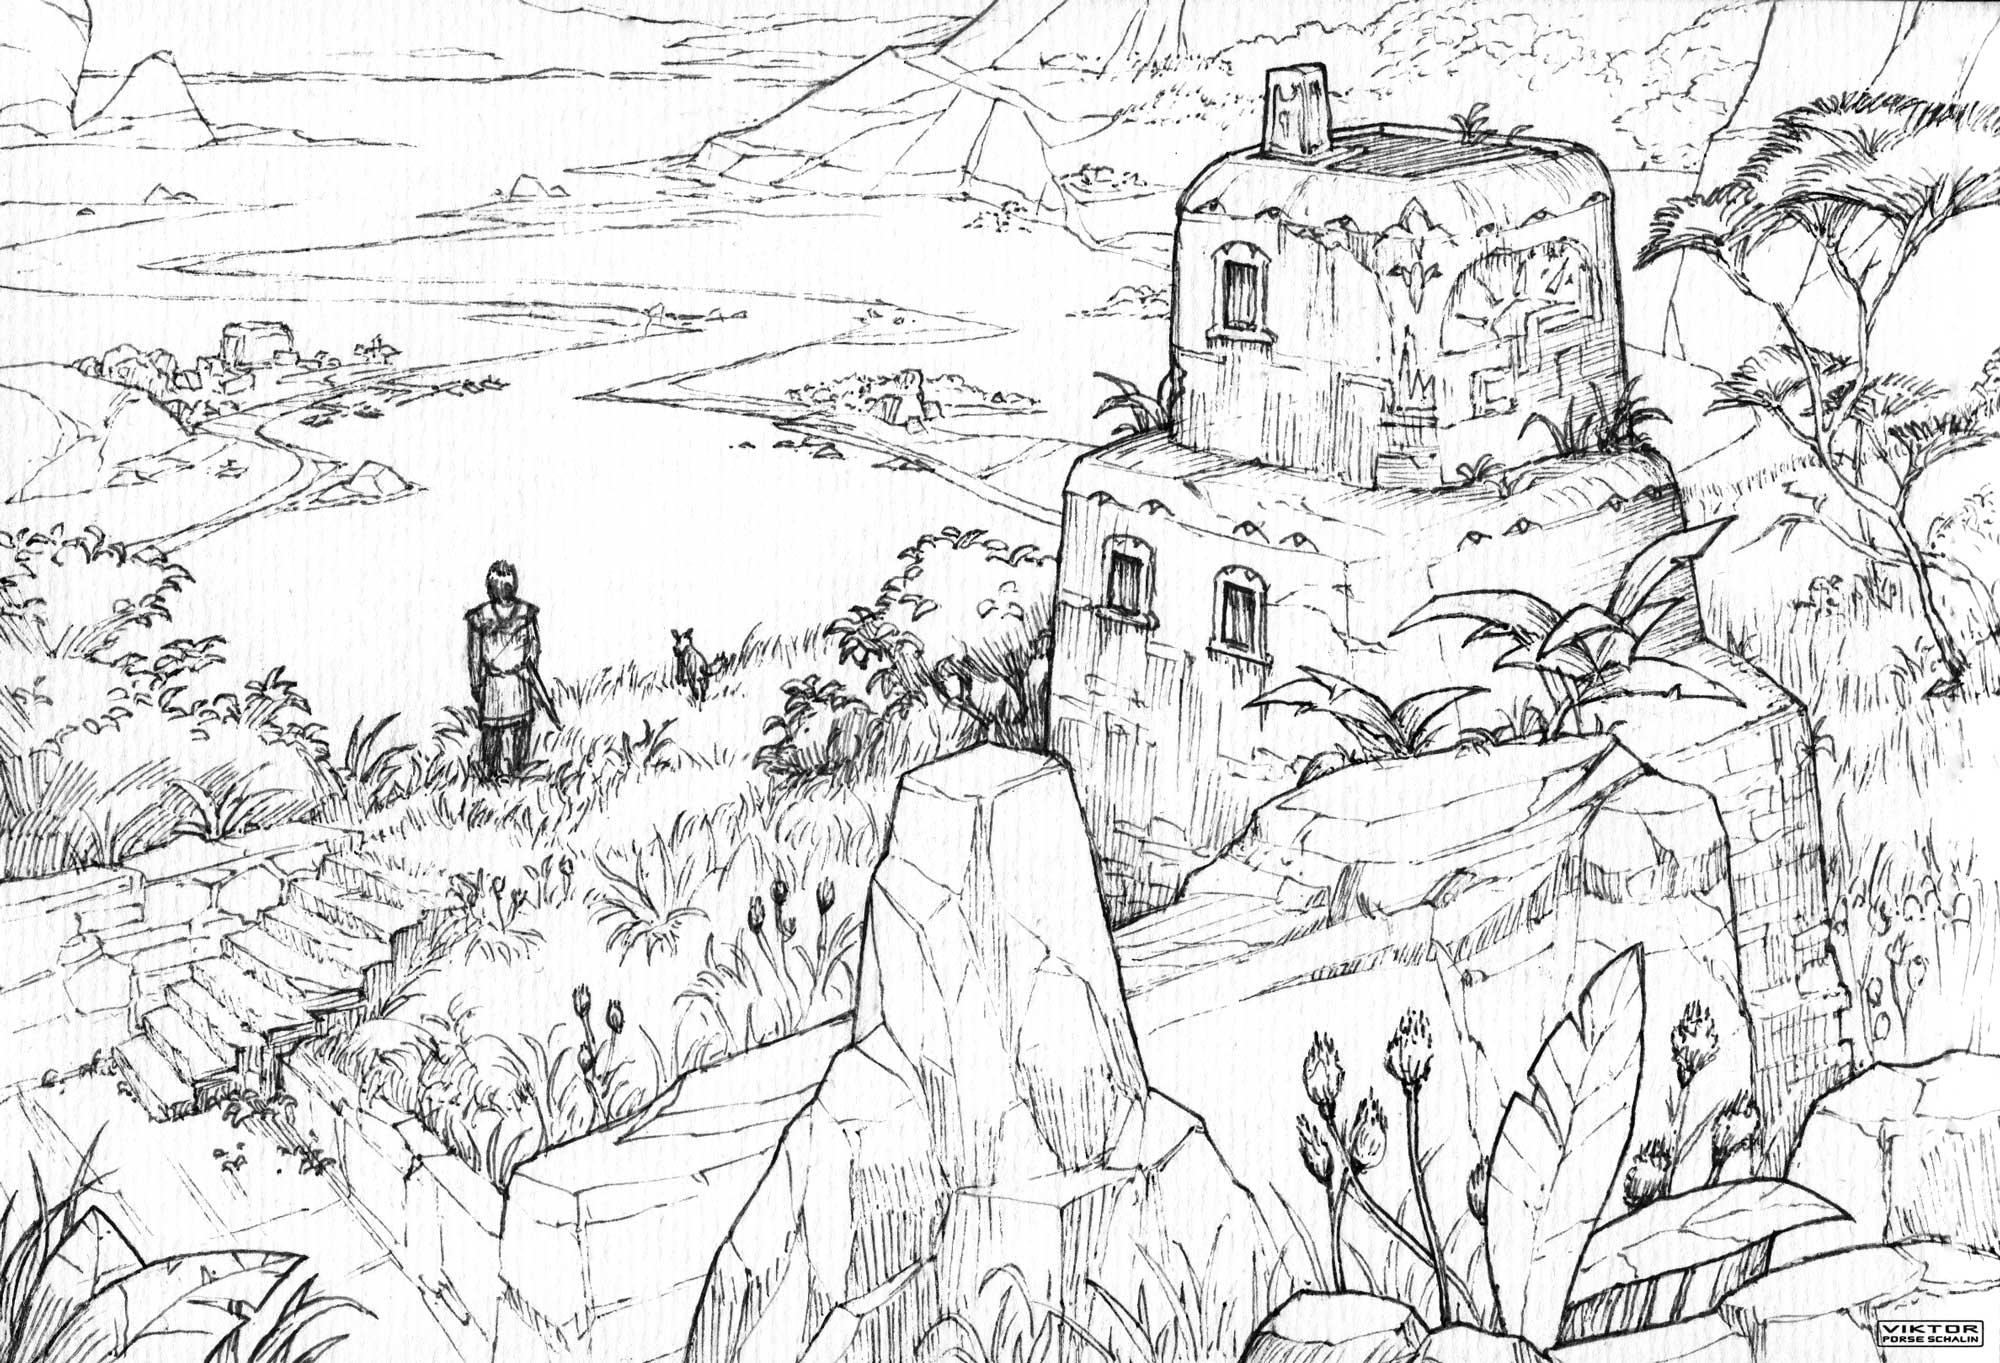 Landscape ink sketch 1.jpg